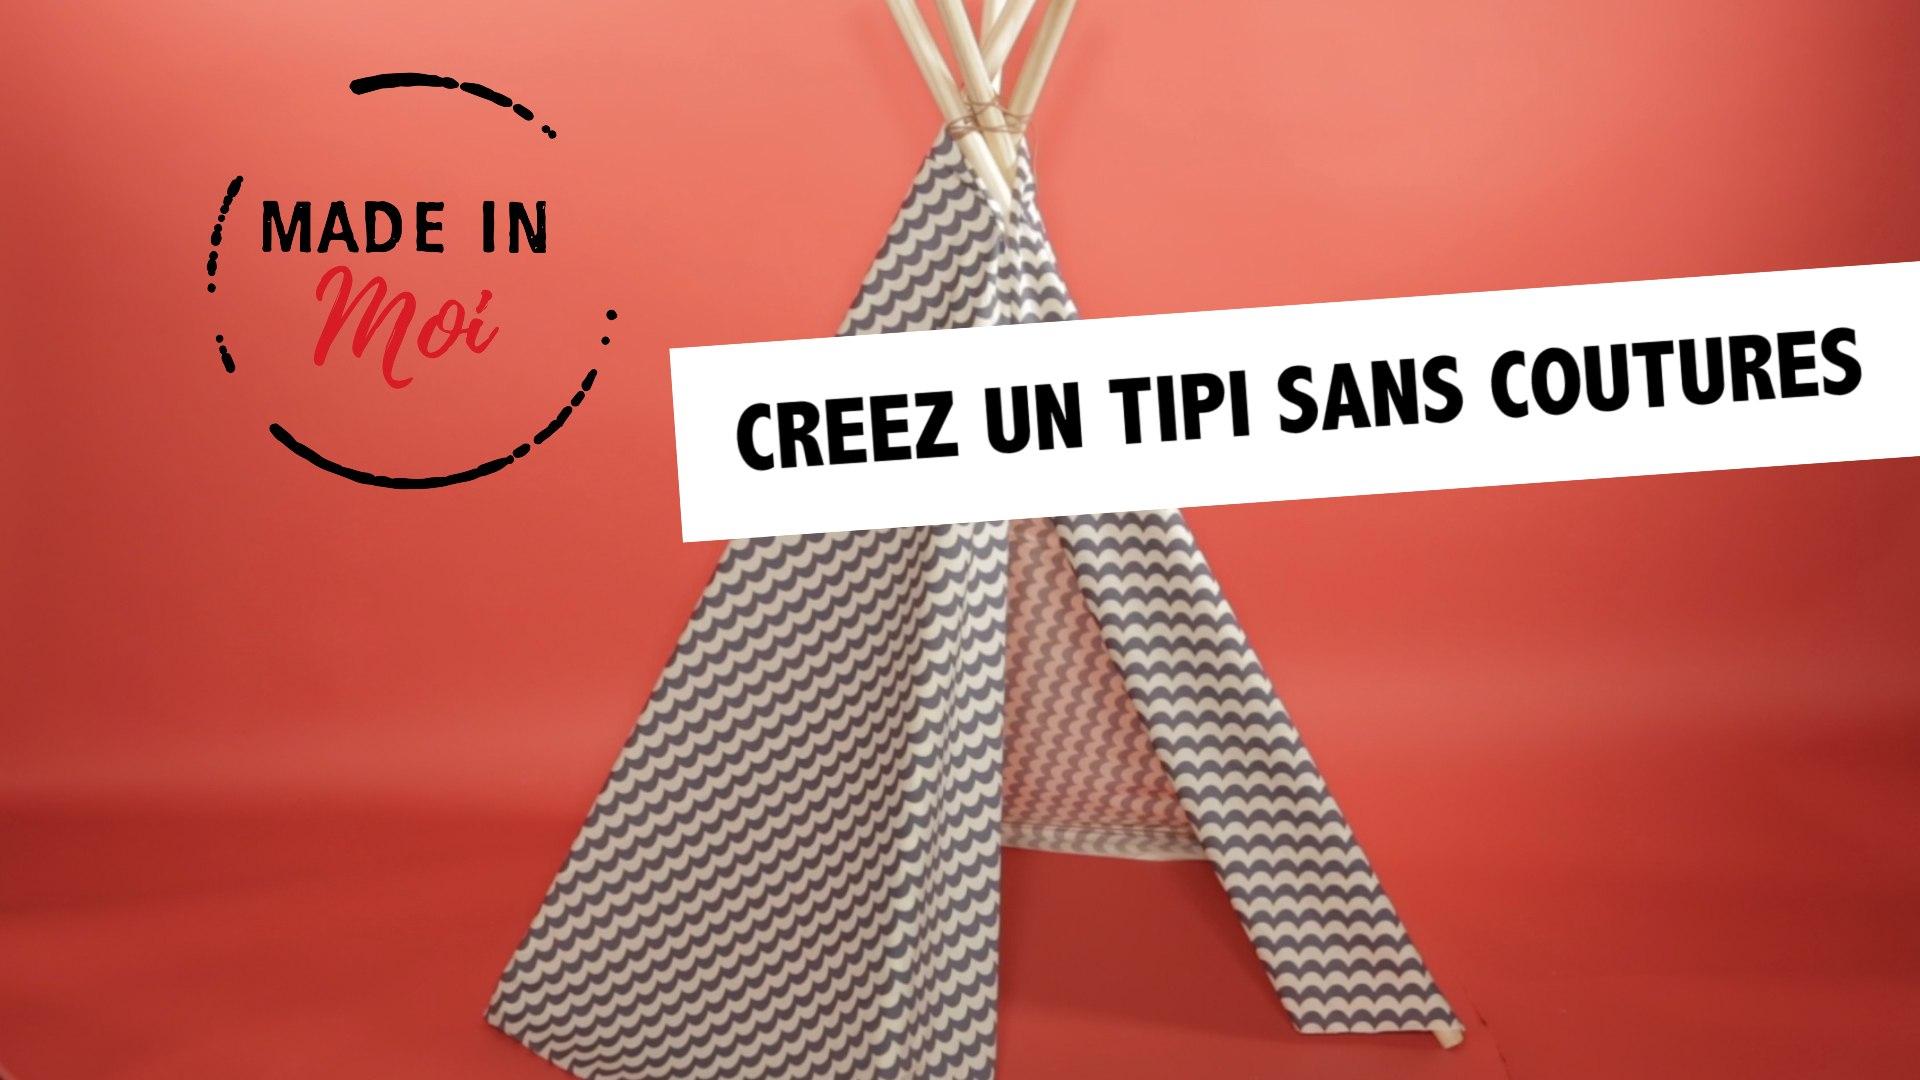 Tipi Pour Chat A Fabriquer made in moi : comment fabriquer un tipi sans coutures ?